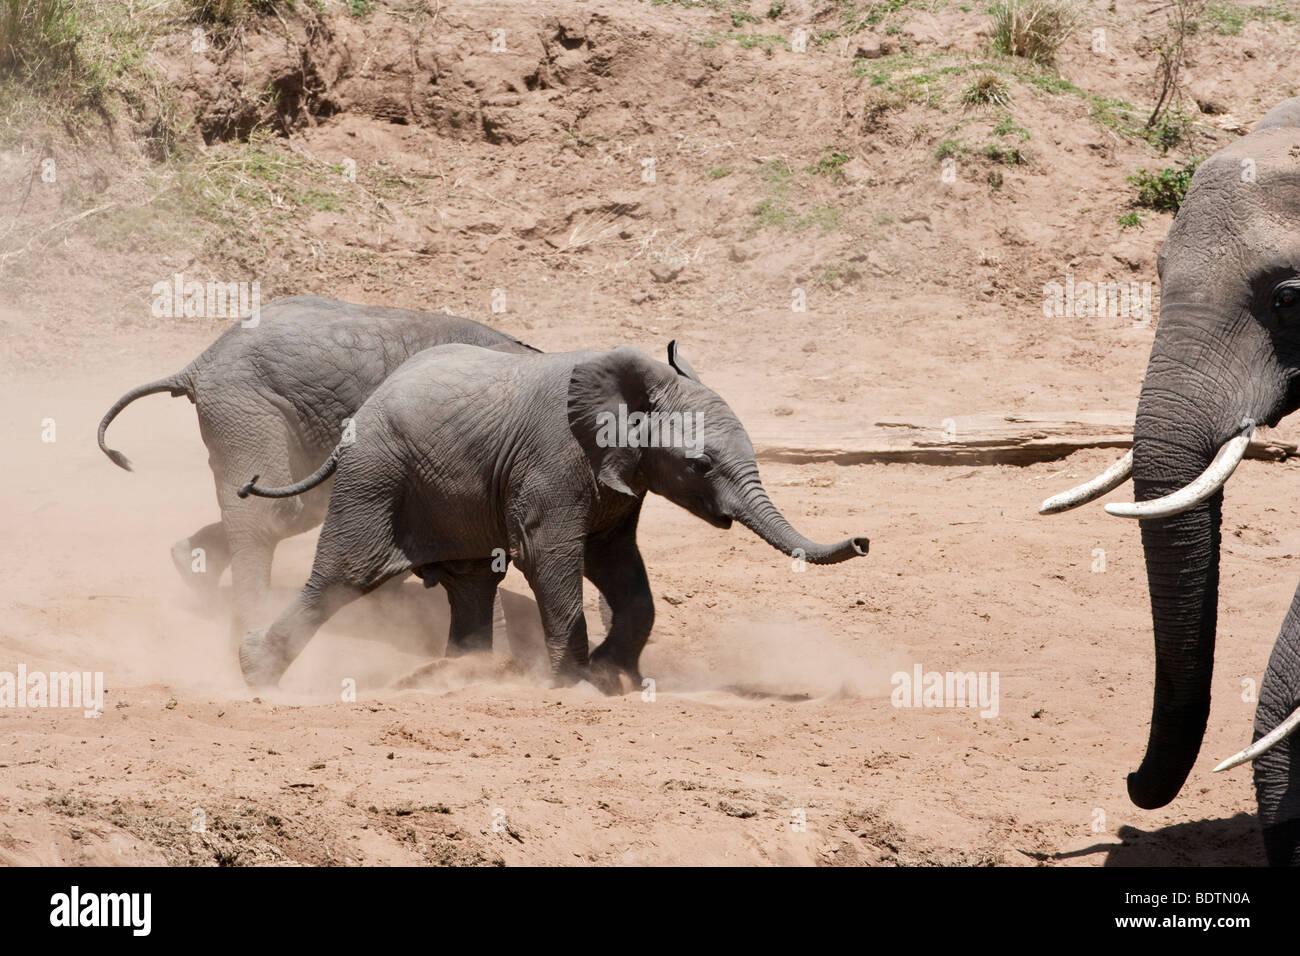 Funny cute adorable petit bébé lits jumeaux éléphants africains heureux d'exécution, Photo Stock